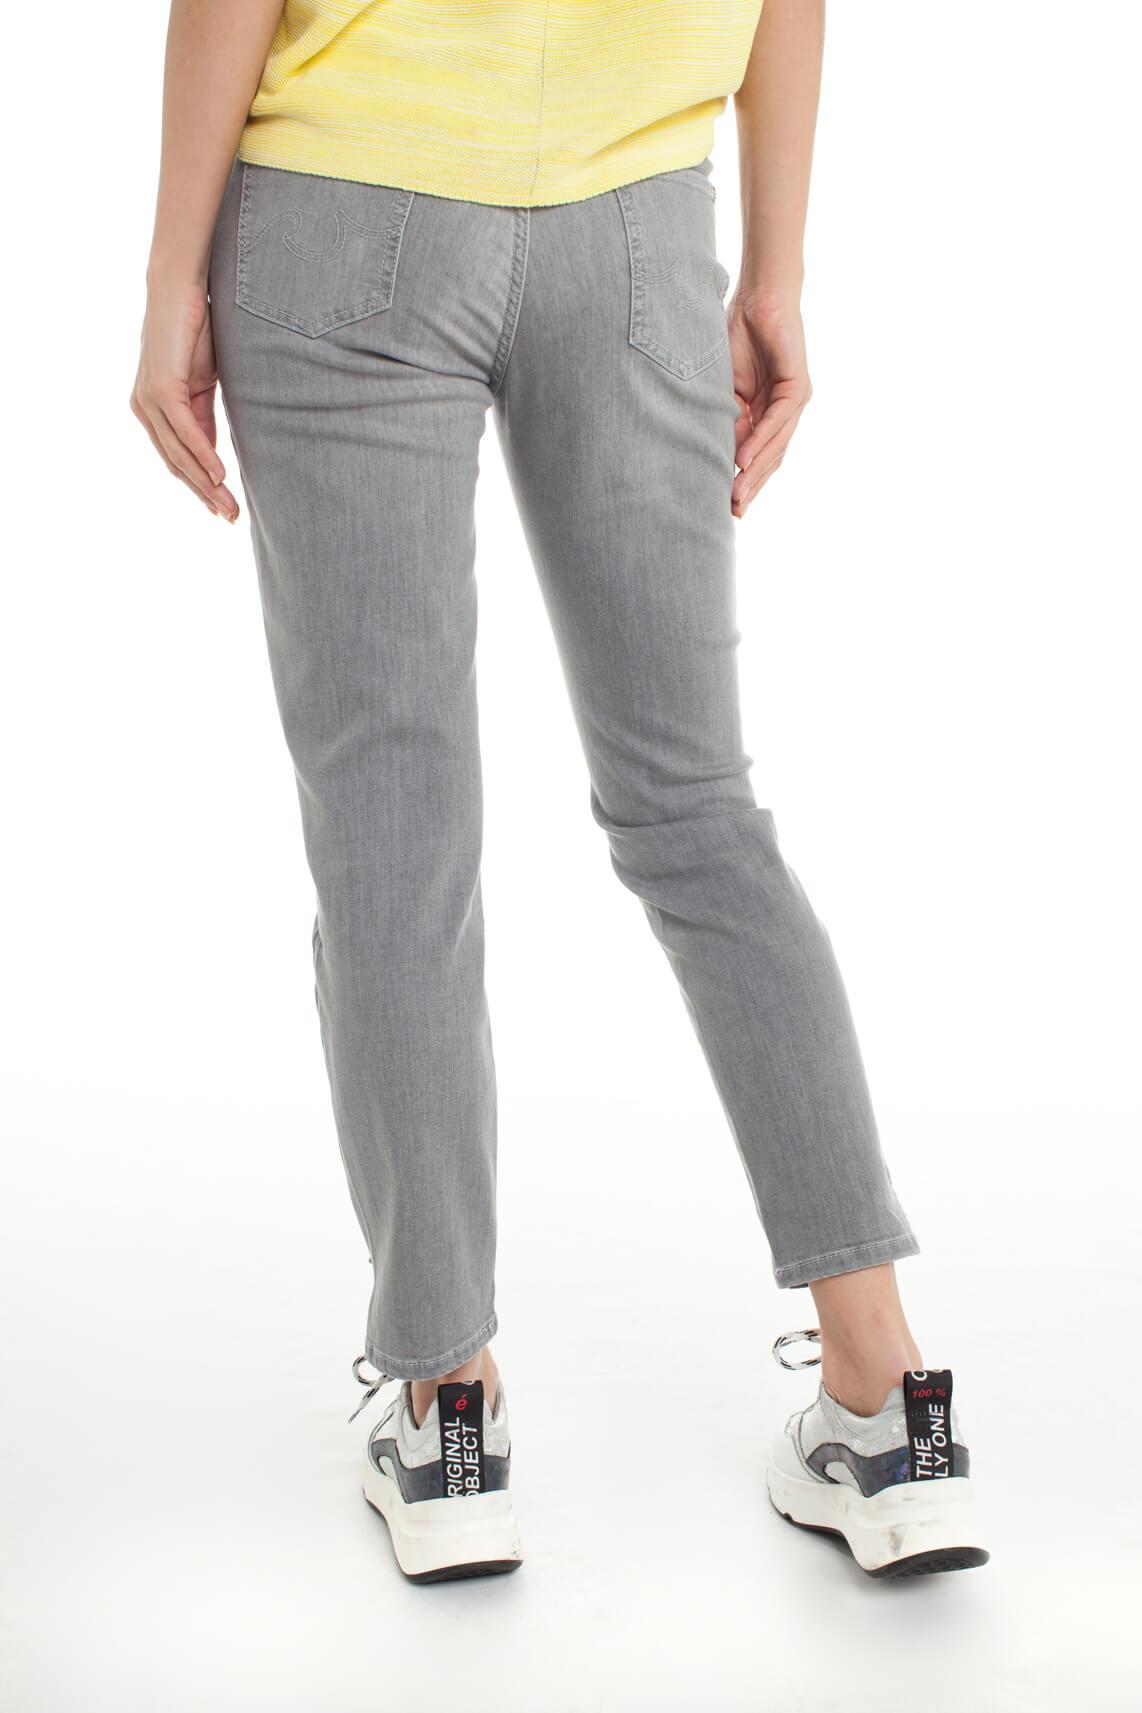 Rosner Dames Audrey jeans met studs Grijs